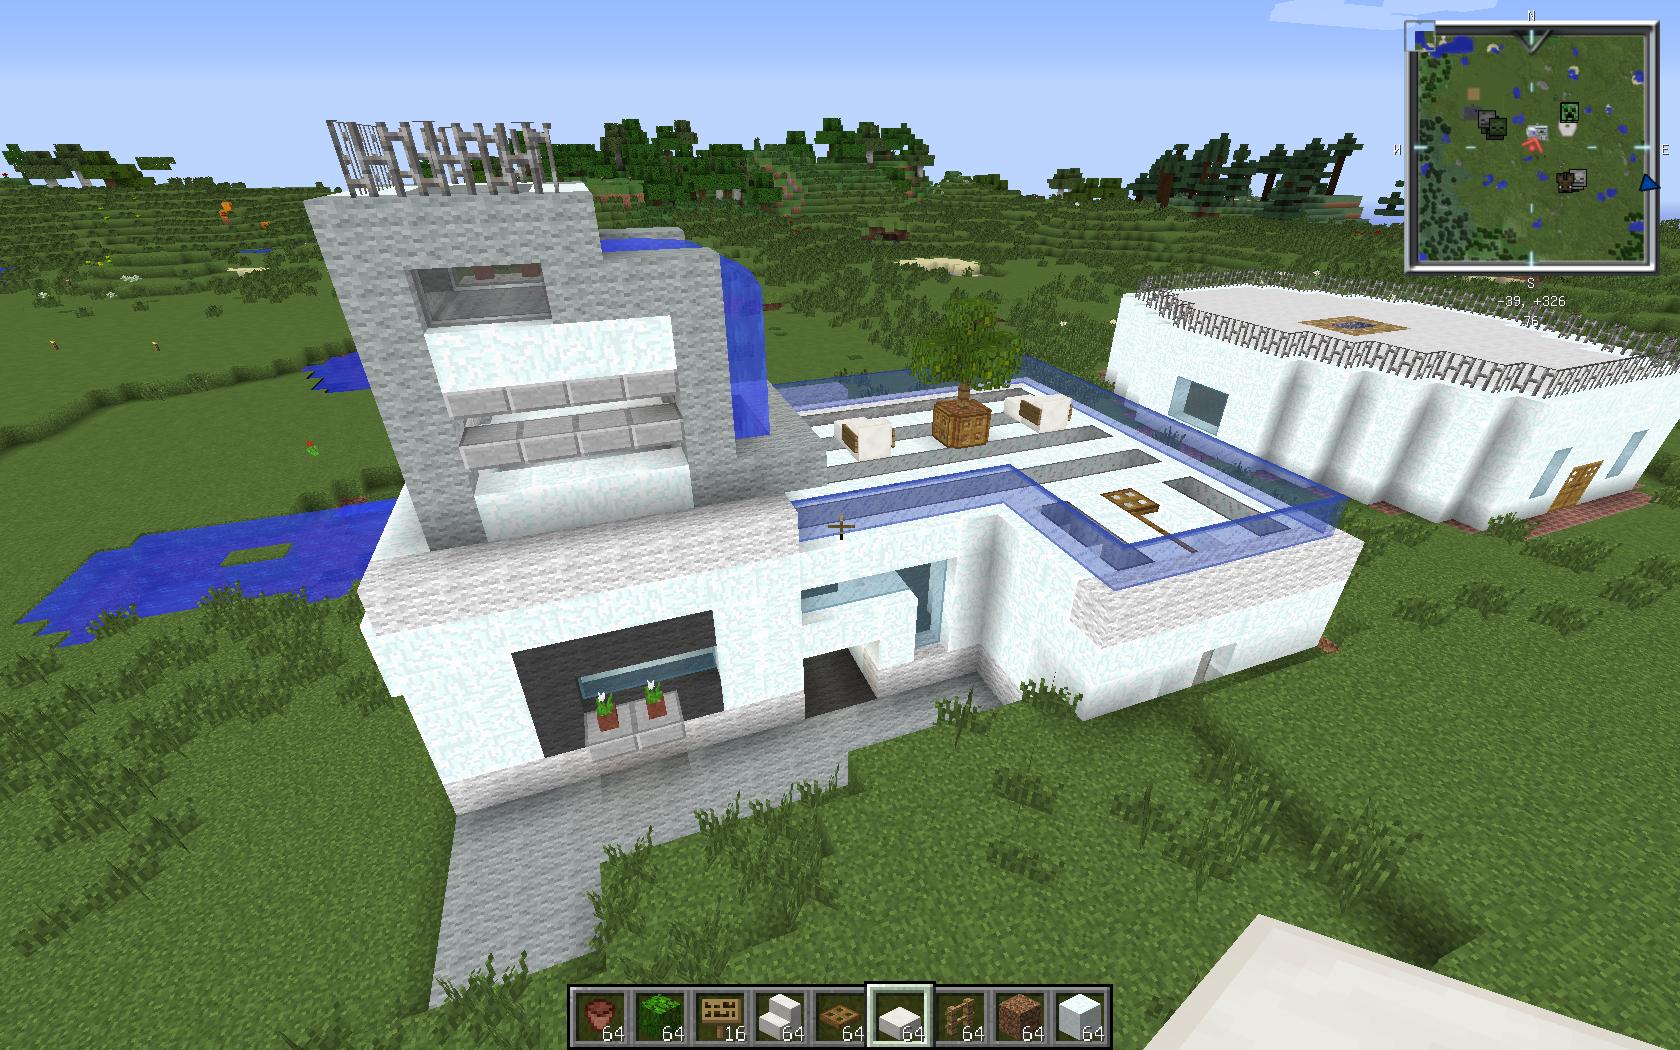 Petite maison type moderne sur le forum minecraft 25 02 2014 23 - Minecraft video maison ...